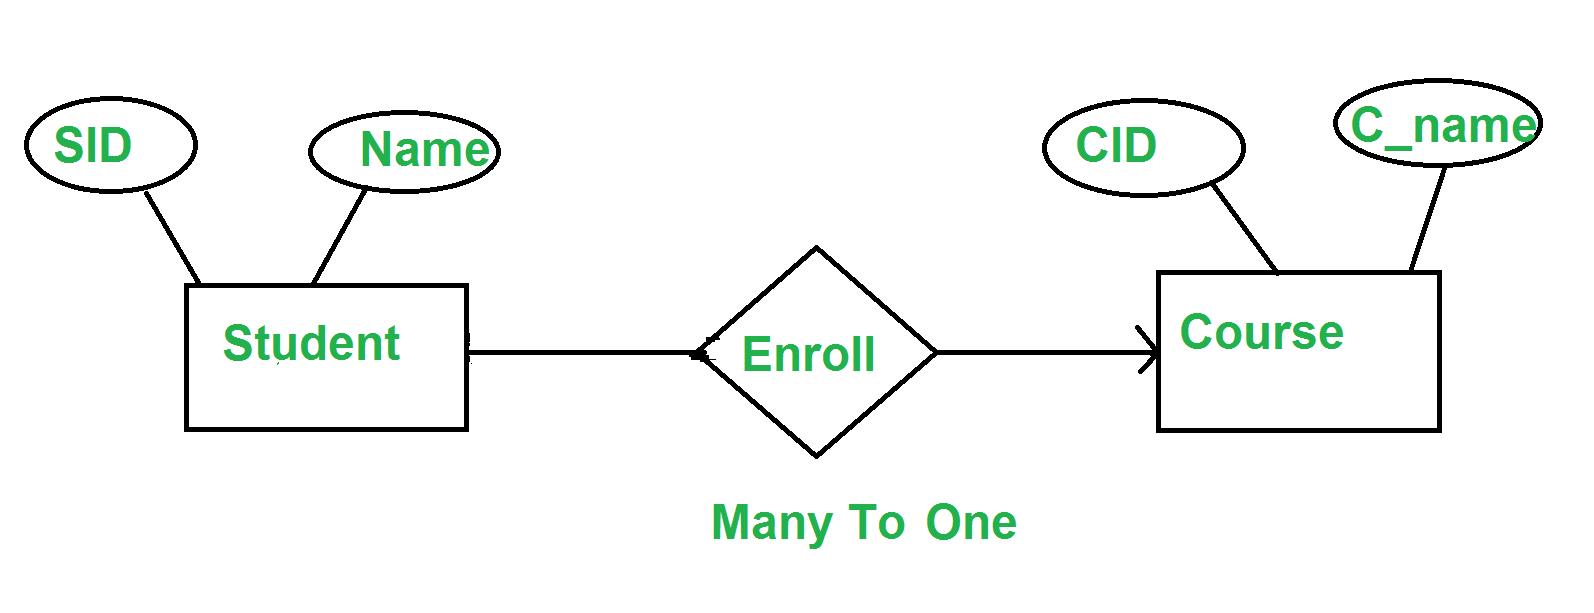 1 To 1 Relationship Er Diagram